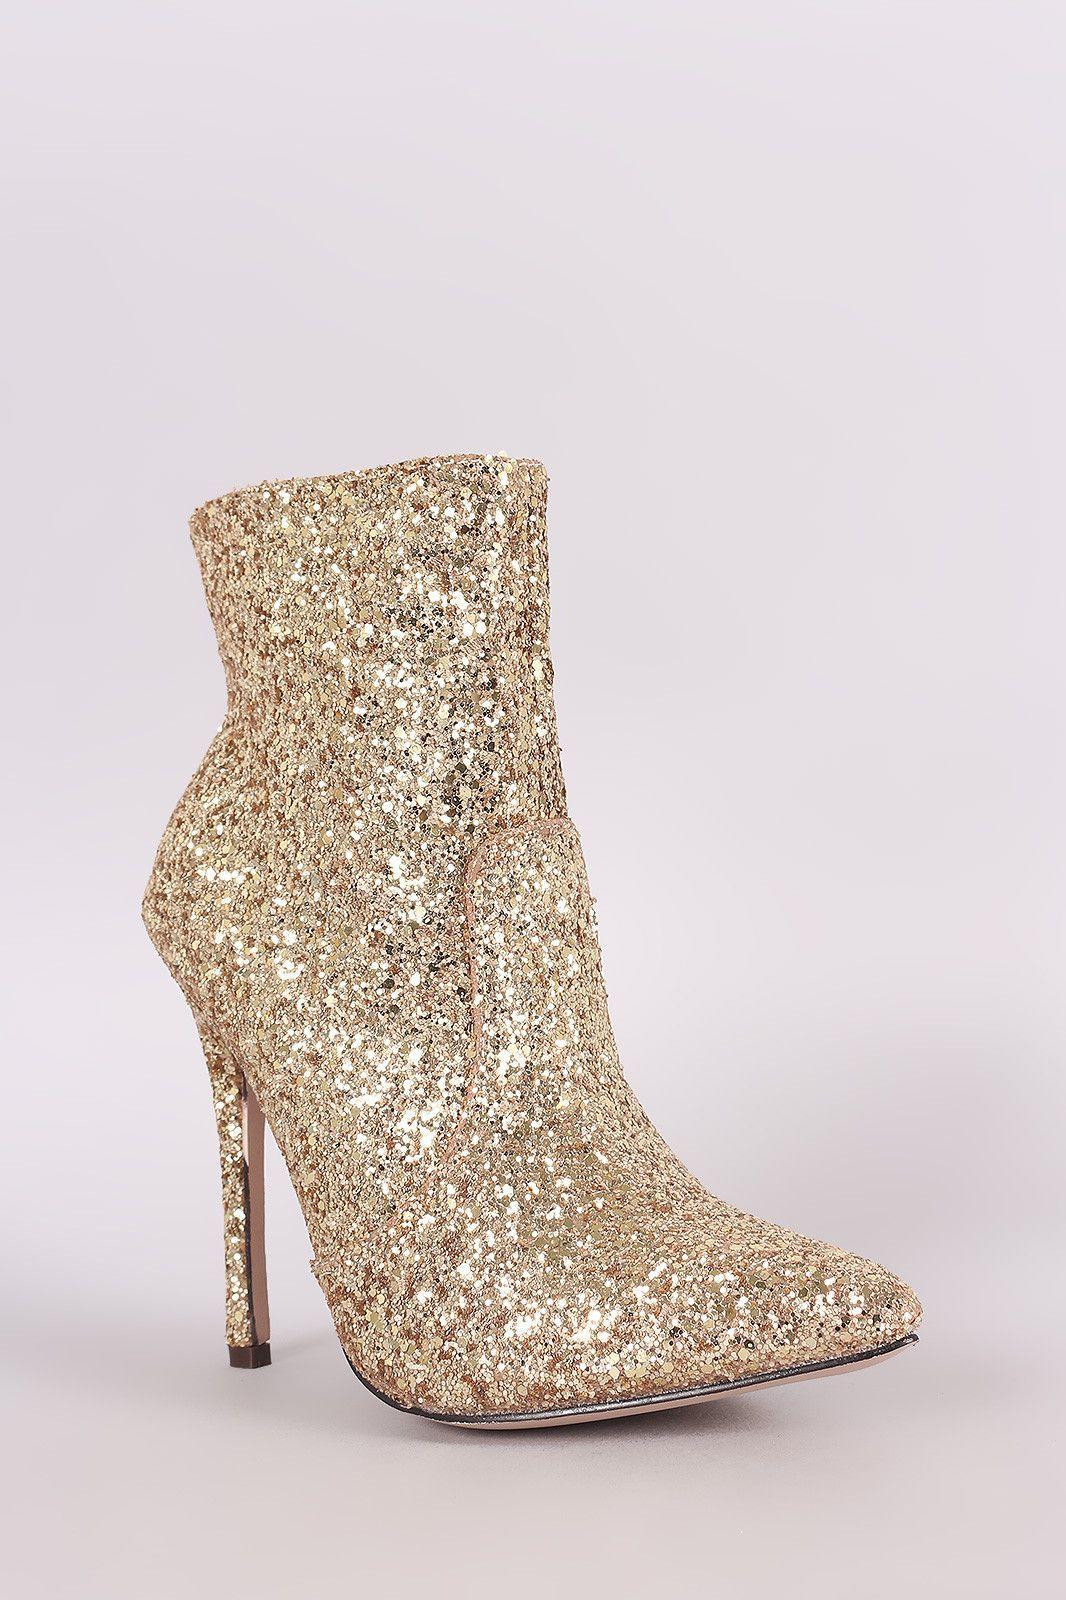 6d9cf94dada9 Glitter Pointy Toe Stiletto Booties | Women Shoes | Stiletto heels ...